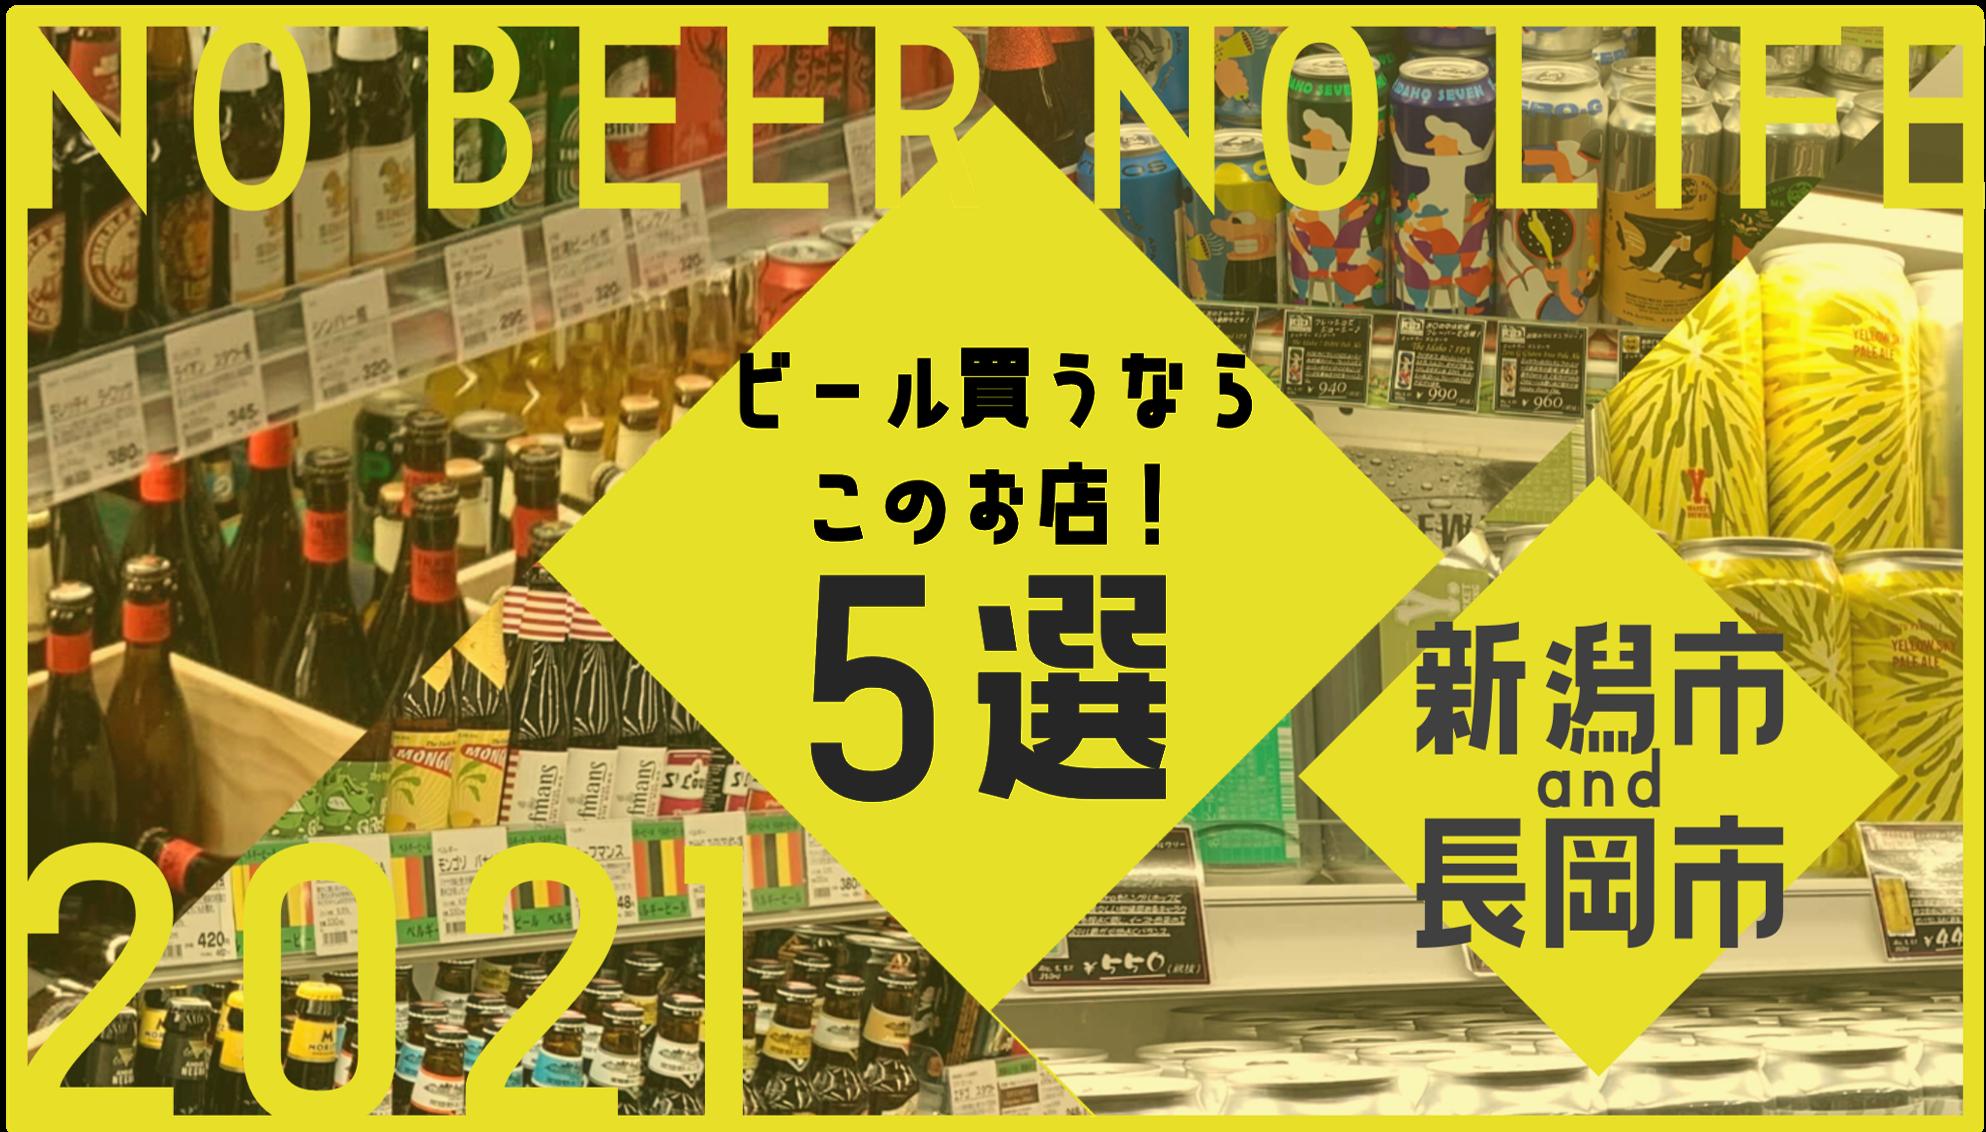 〈2021年最新版〉新潟市・長岡市でクラフトビールを買うならこのお店5選